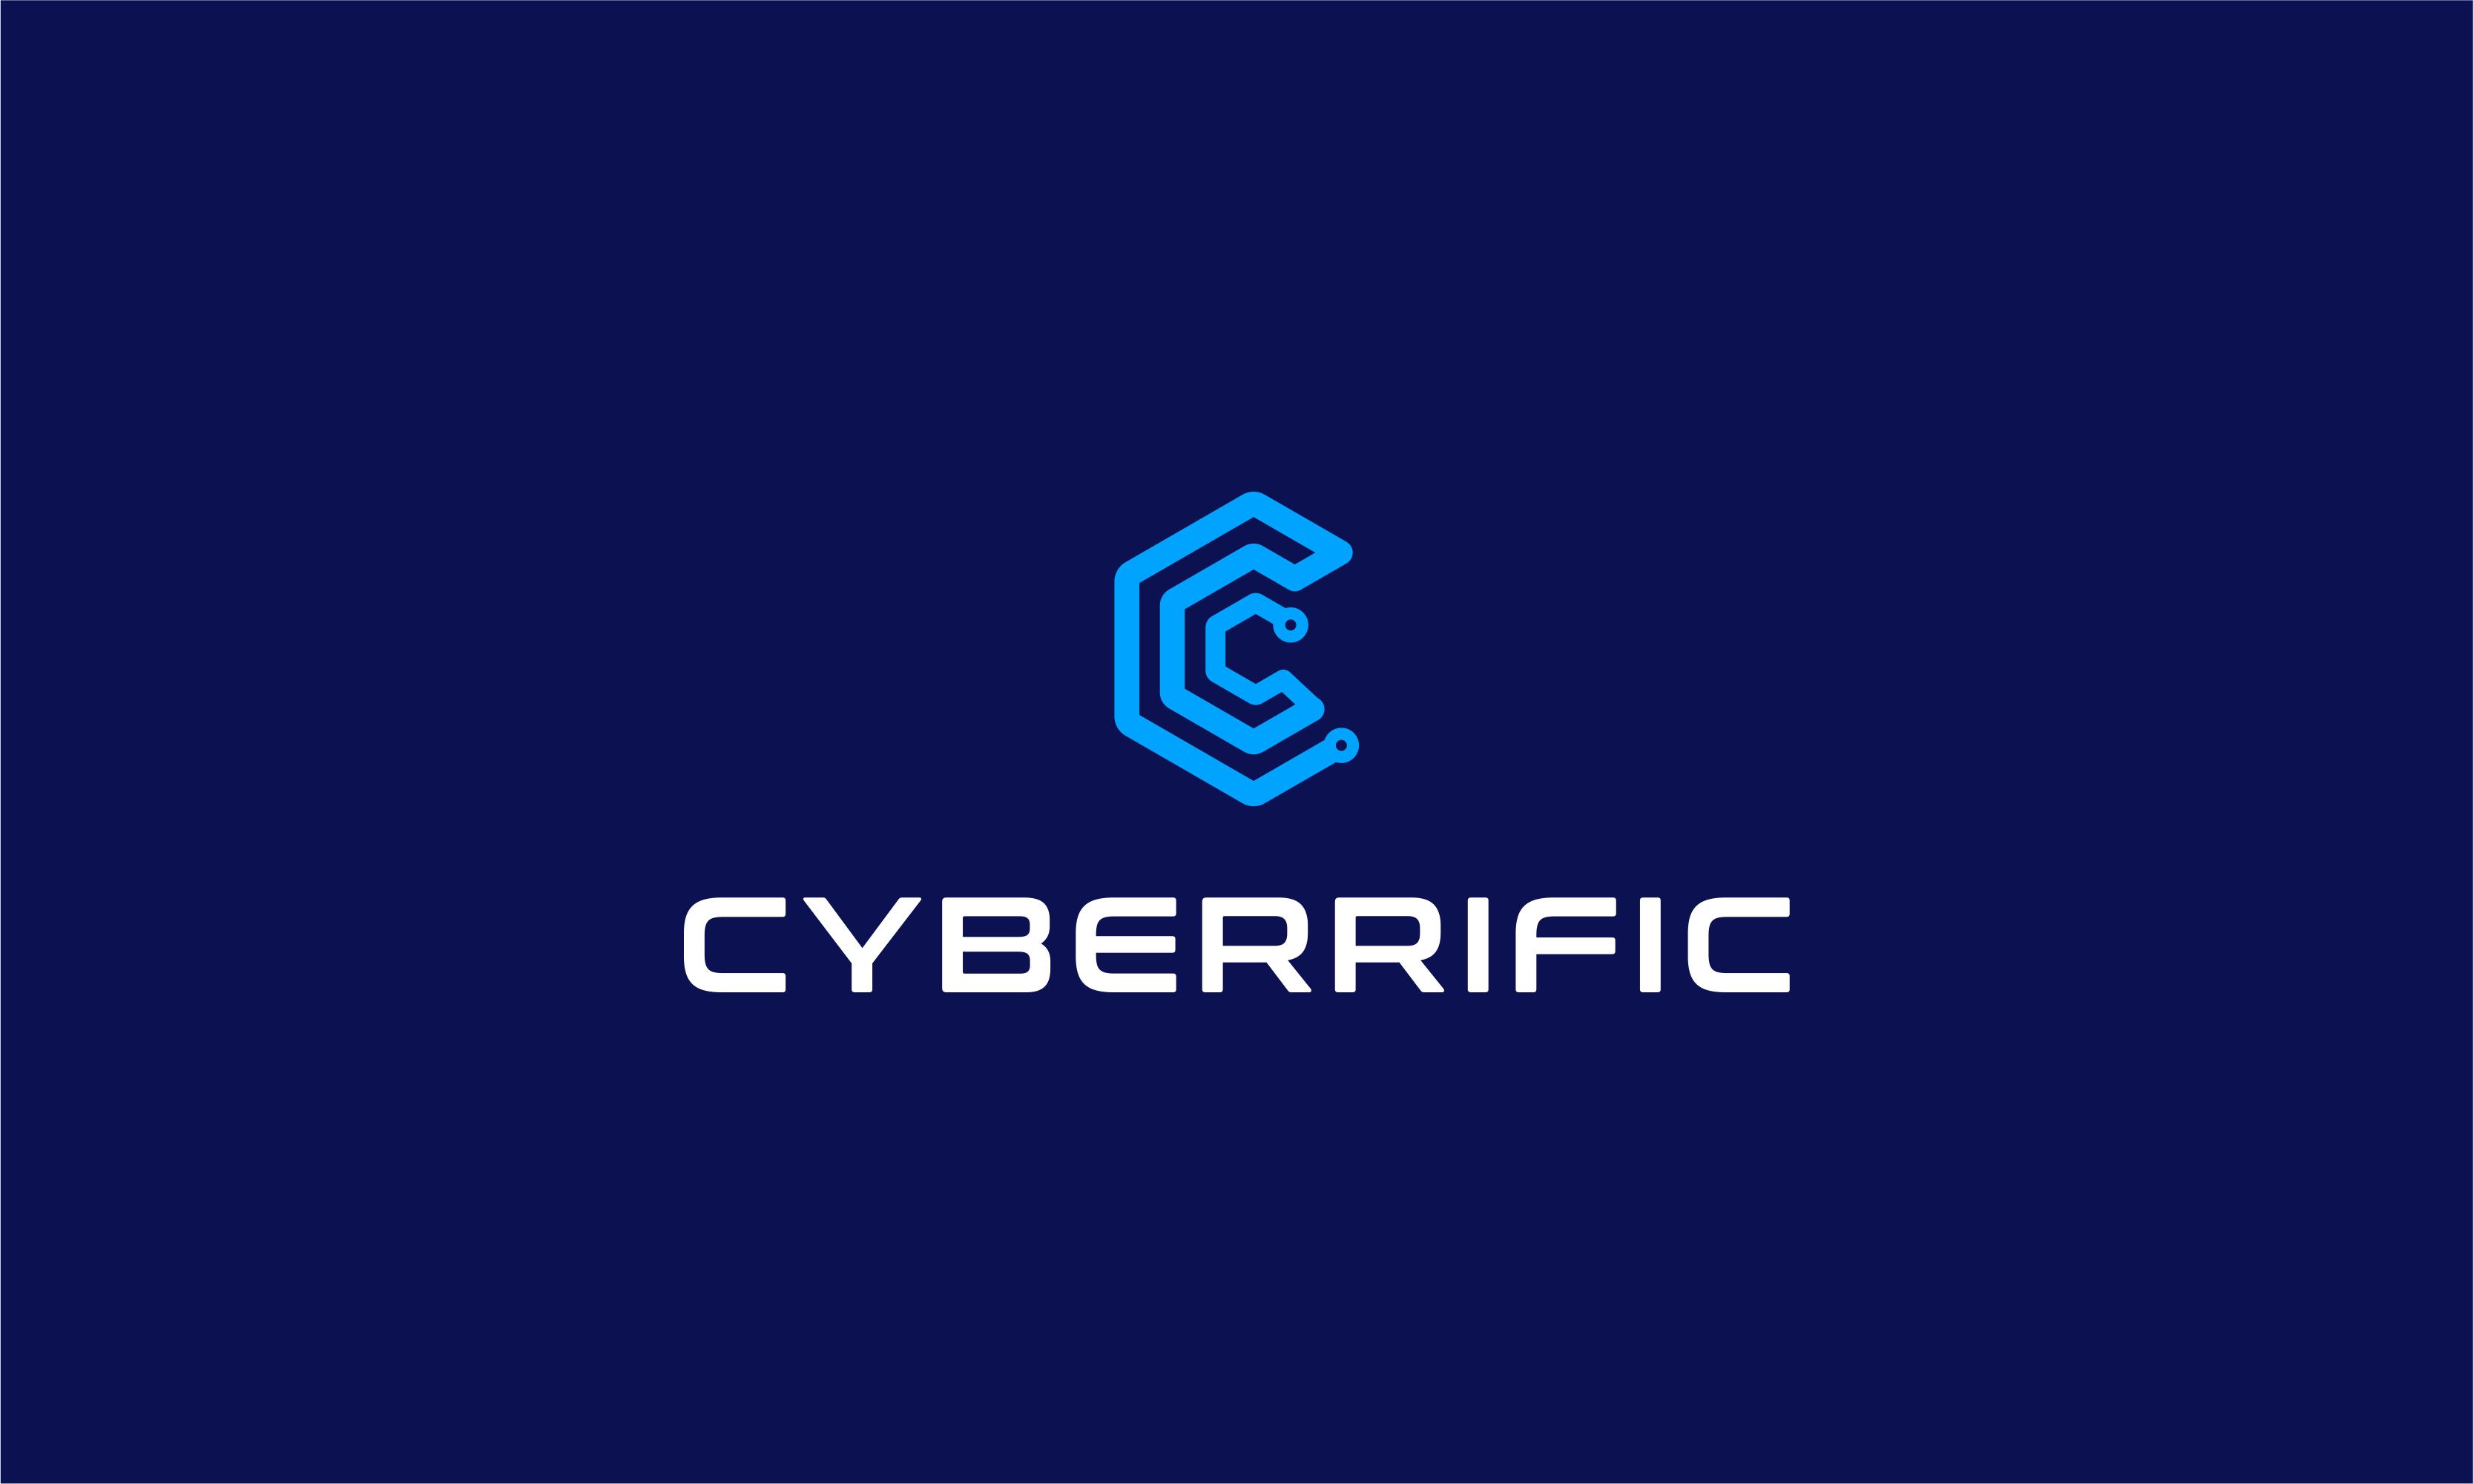 Cyberrific